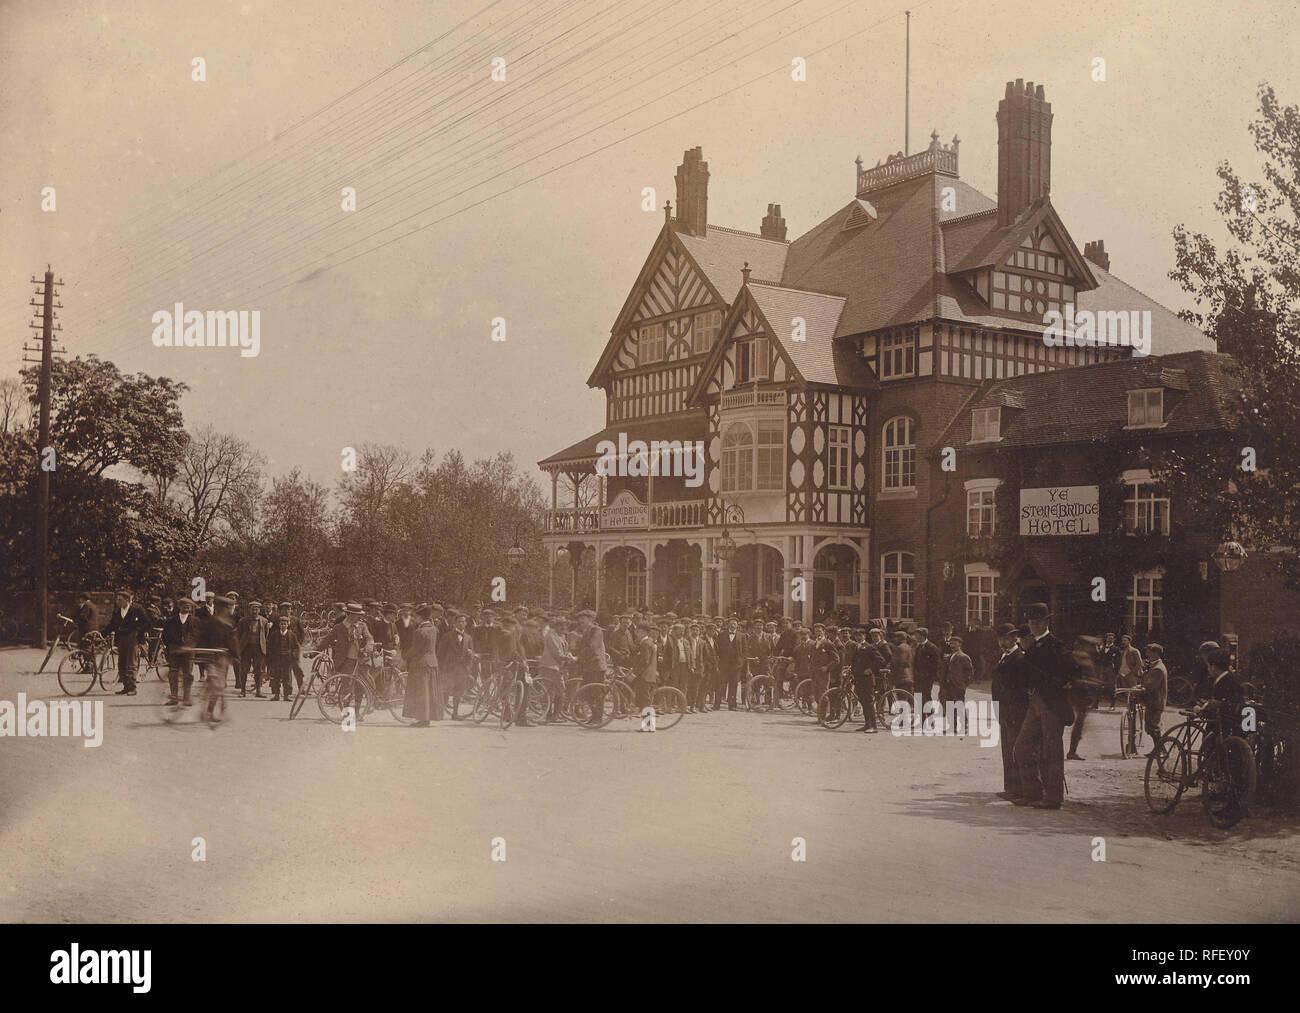 Archivio Storico di immagine di ciclisti, ciclo Club Meeting, Ye Stonebridge Hotel, Coventry, c1910s. Immagini Stock